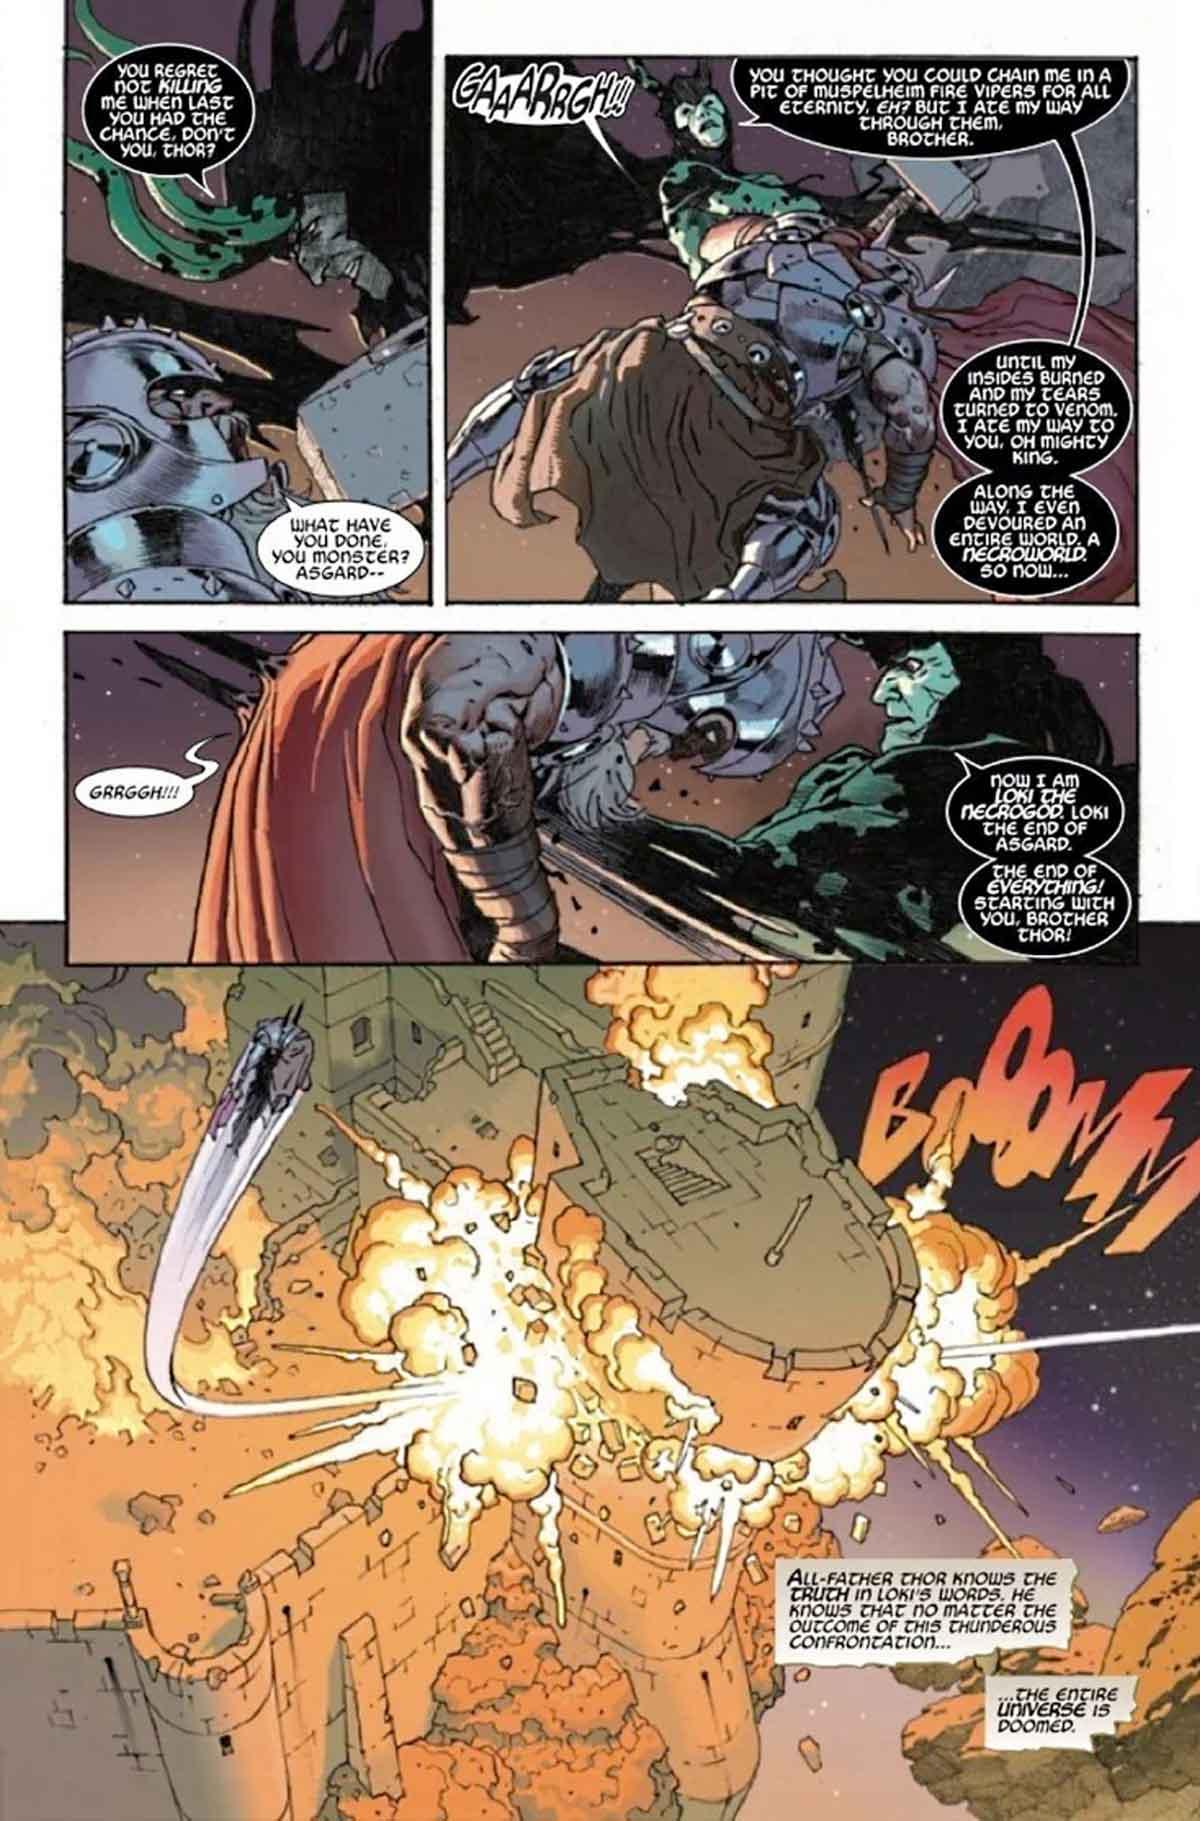 Rey Thor vs Loki será la mayor pelea de la historia de Marvel